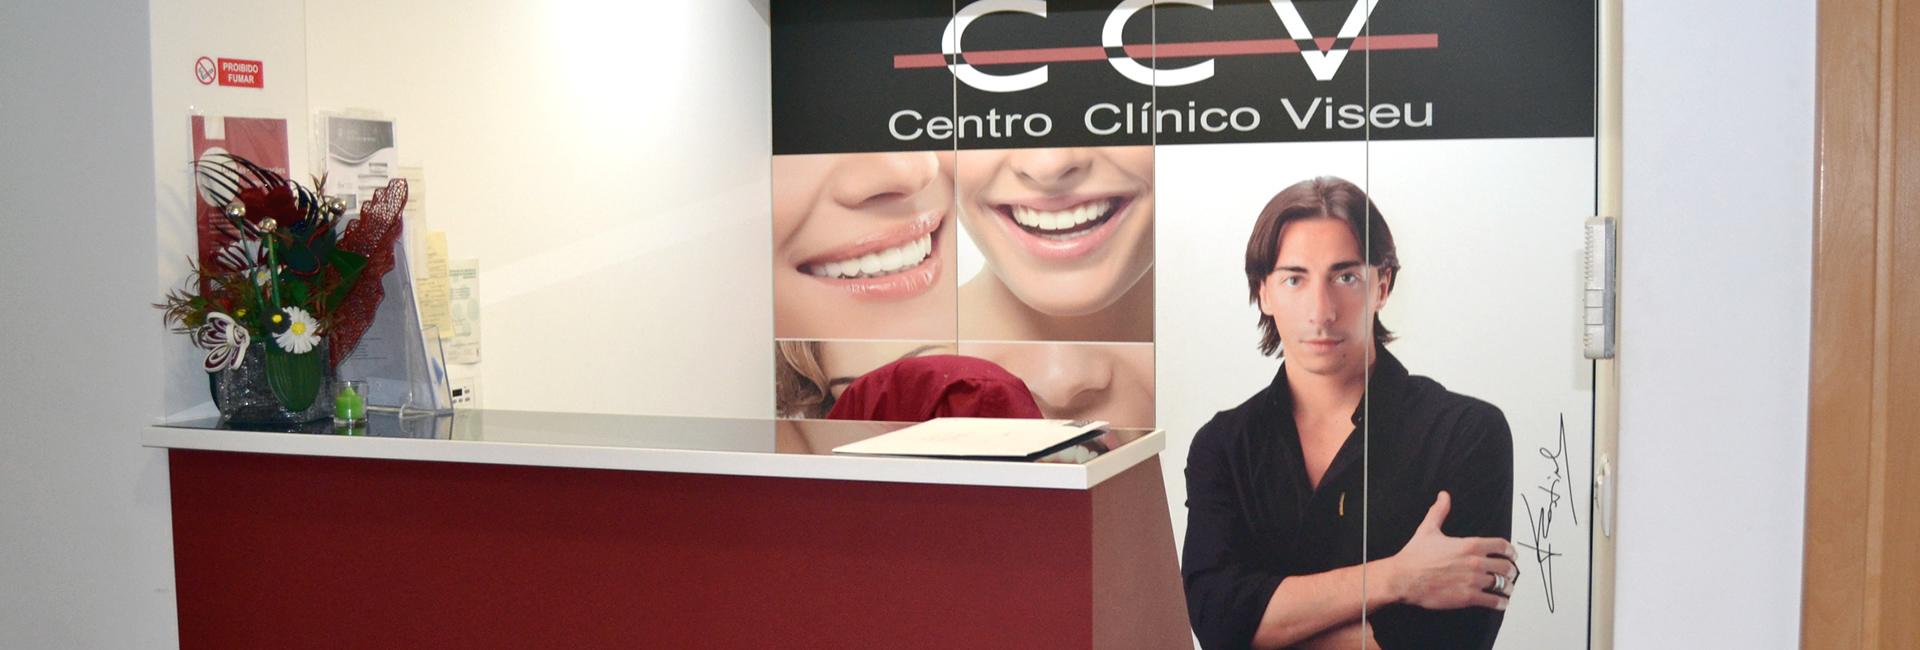 CCV - Centro Clinico de Viseu